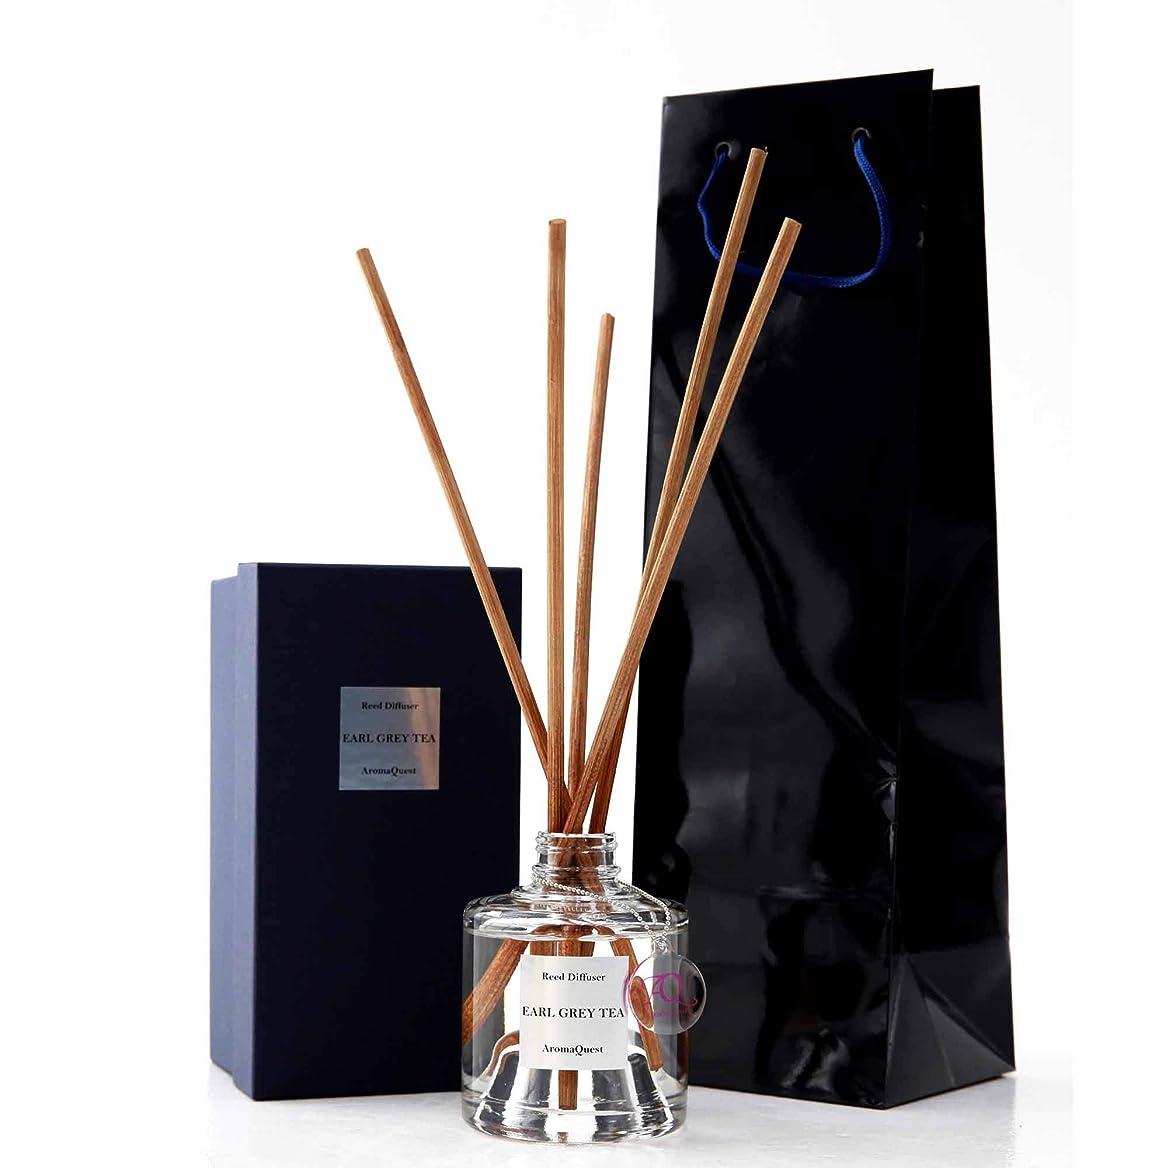 周術期苦痛豊富なルームフレグランス リードディフューザー アロマディフューザー 150ml アールグレイティー EARL GREY TEA 紅茶の香り